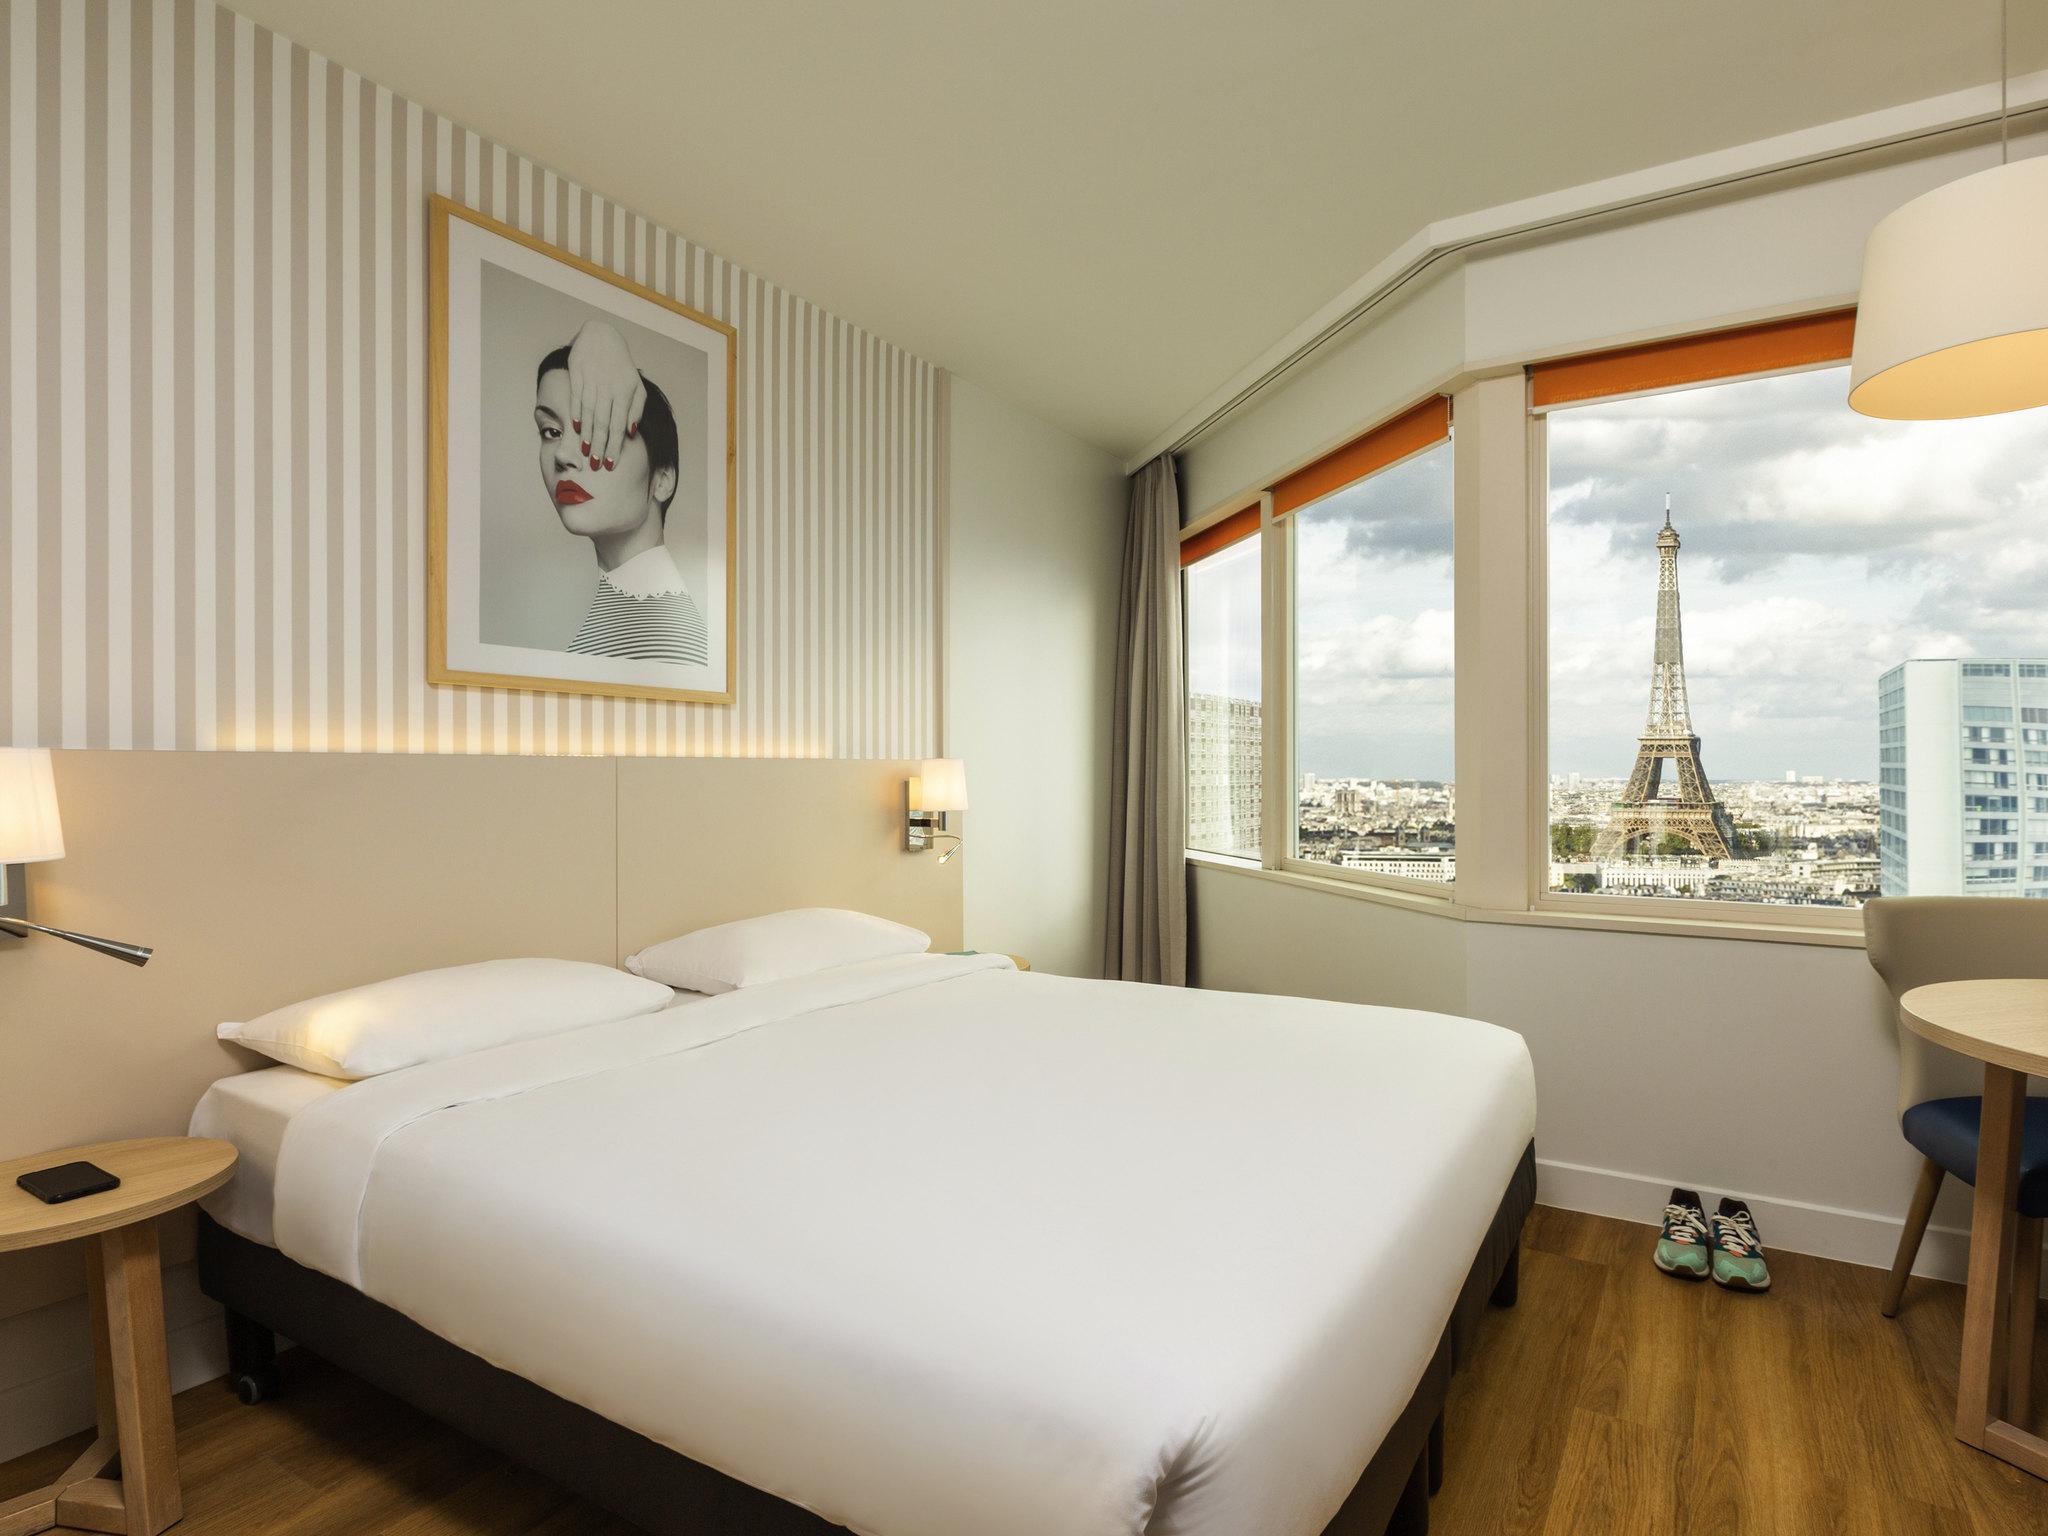 酒店 – 阿德吉奥巴黎中心埃菲尔铁塔公寓酒店